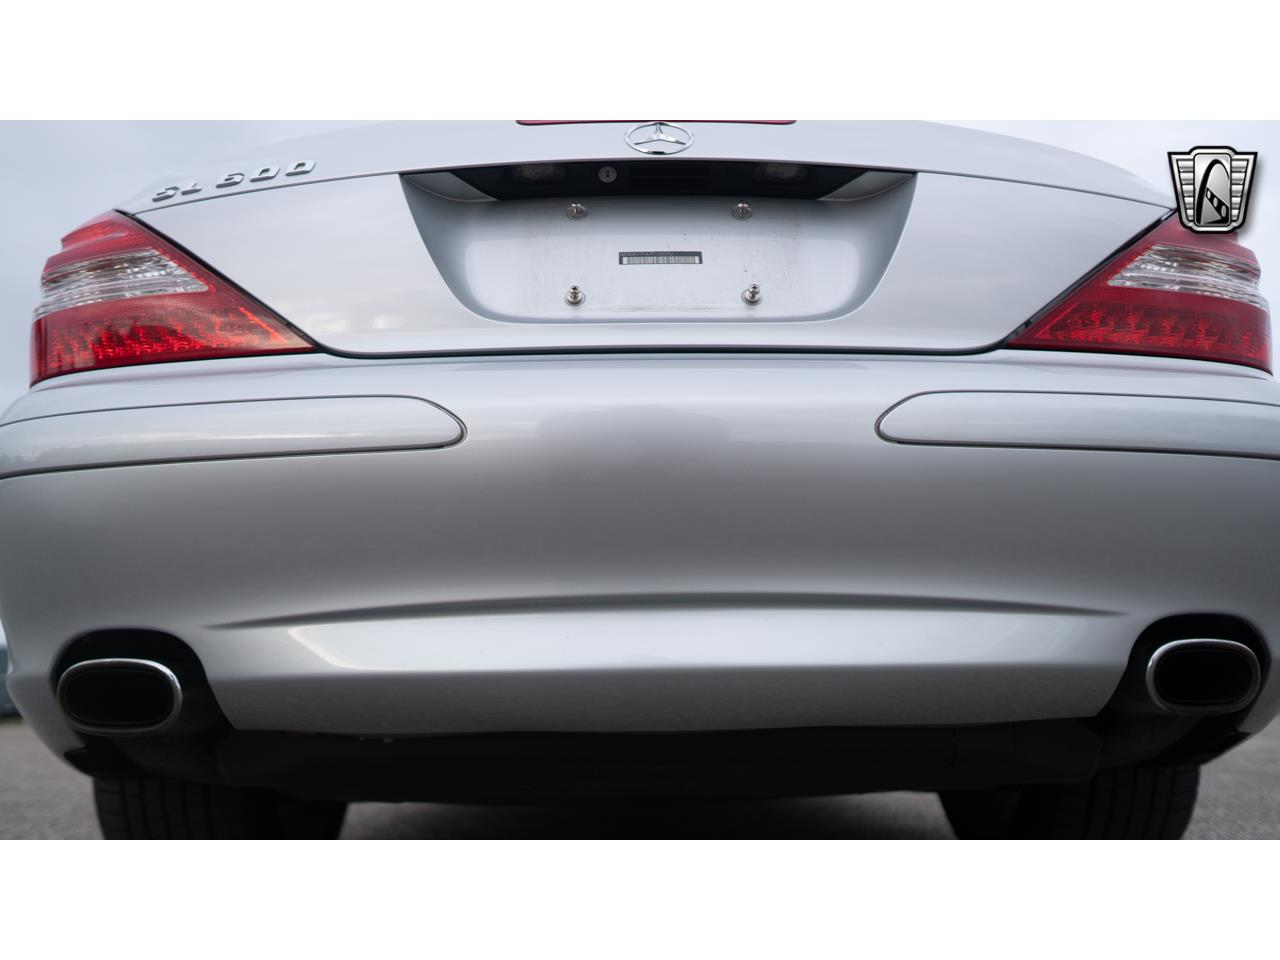 2007 Mercedes-Benz SL600 (CC-1342845) for sale in O'Fallon, Illinois